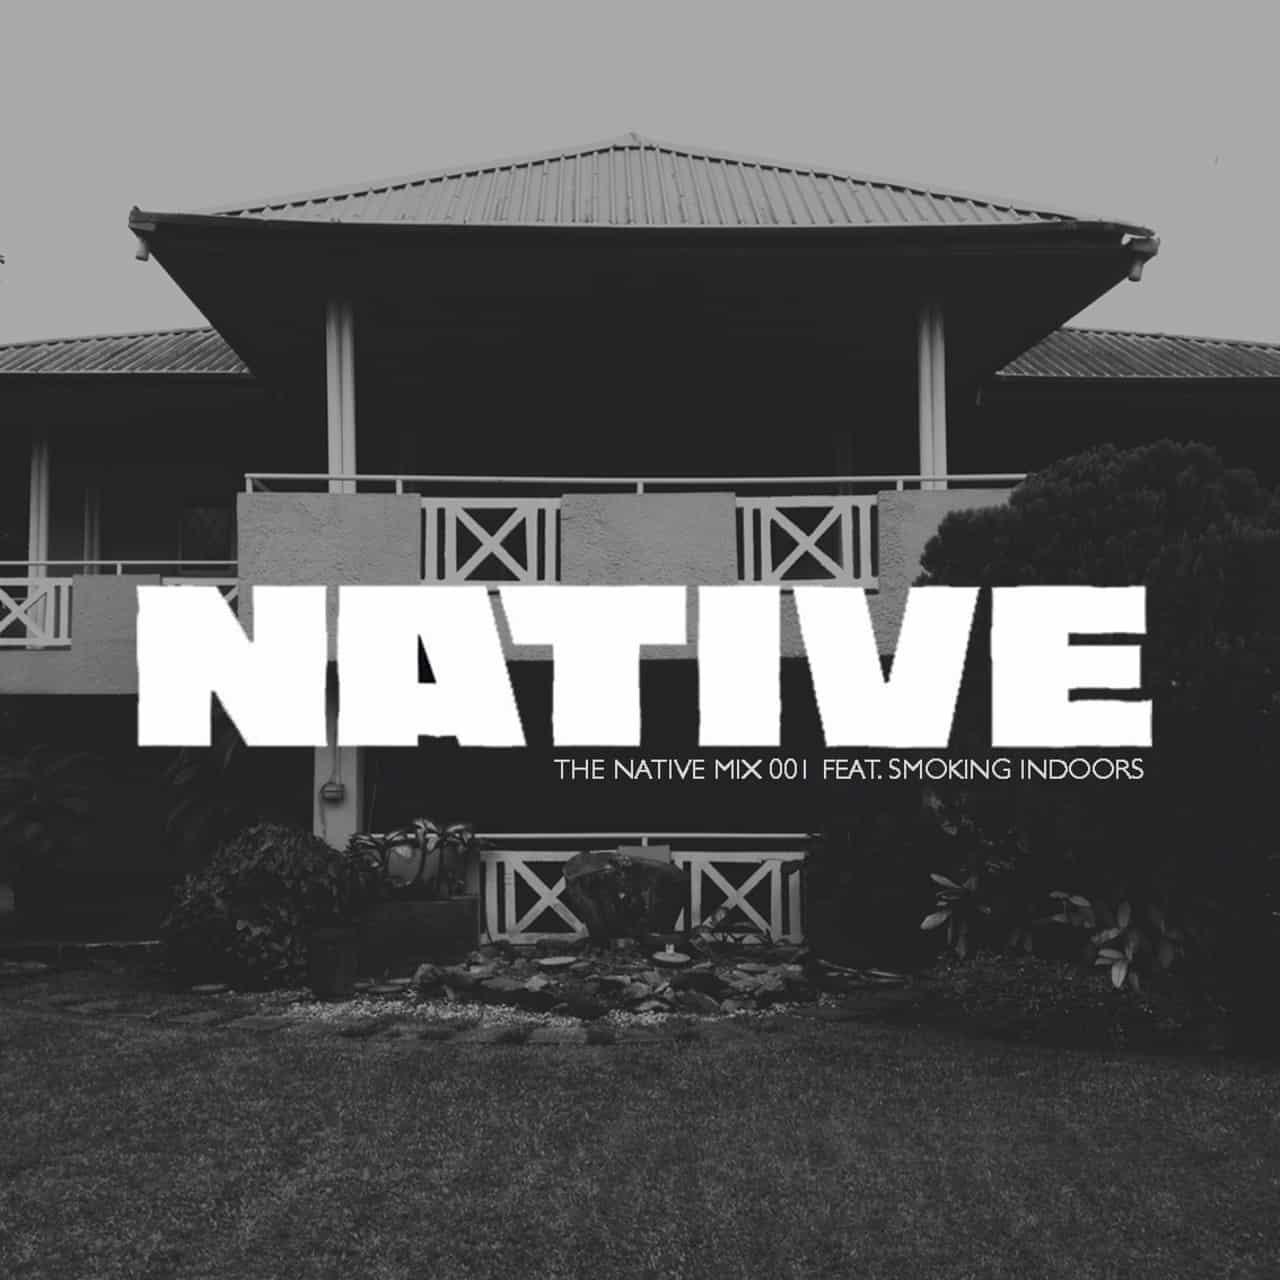 NATIVE Mix: featuring Smoking Indoors